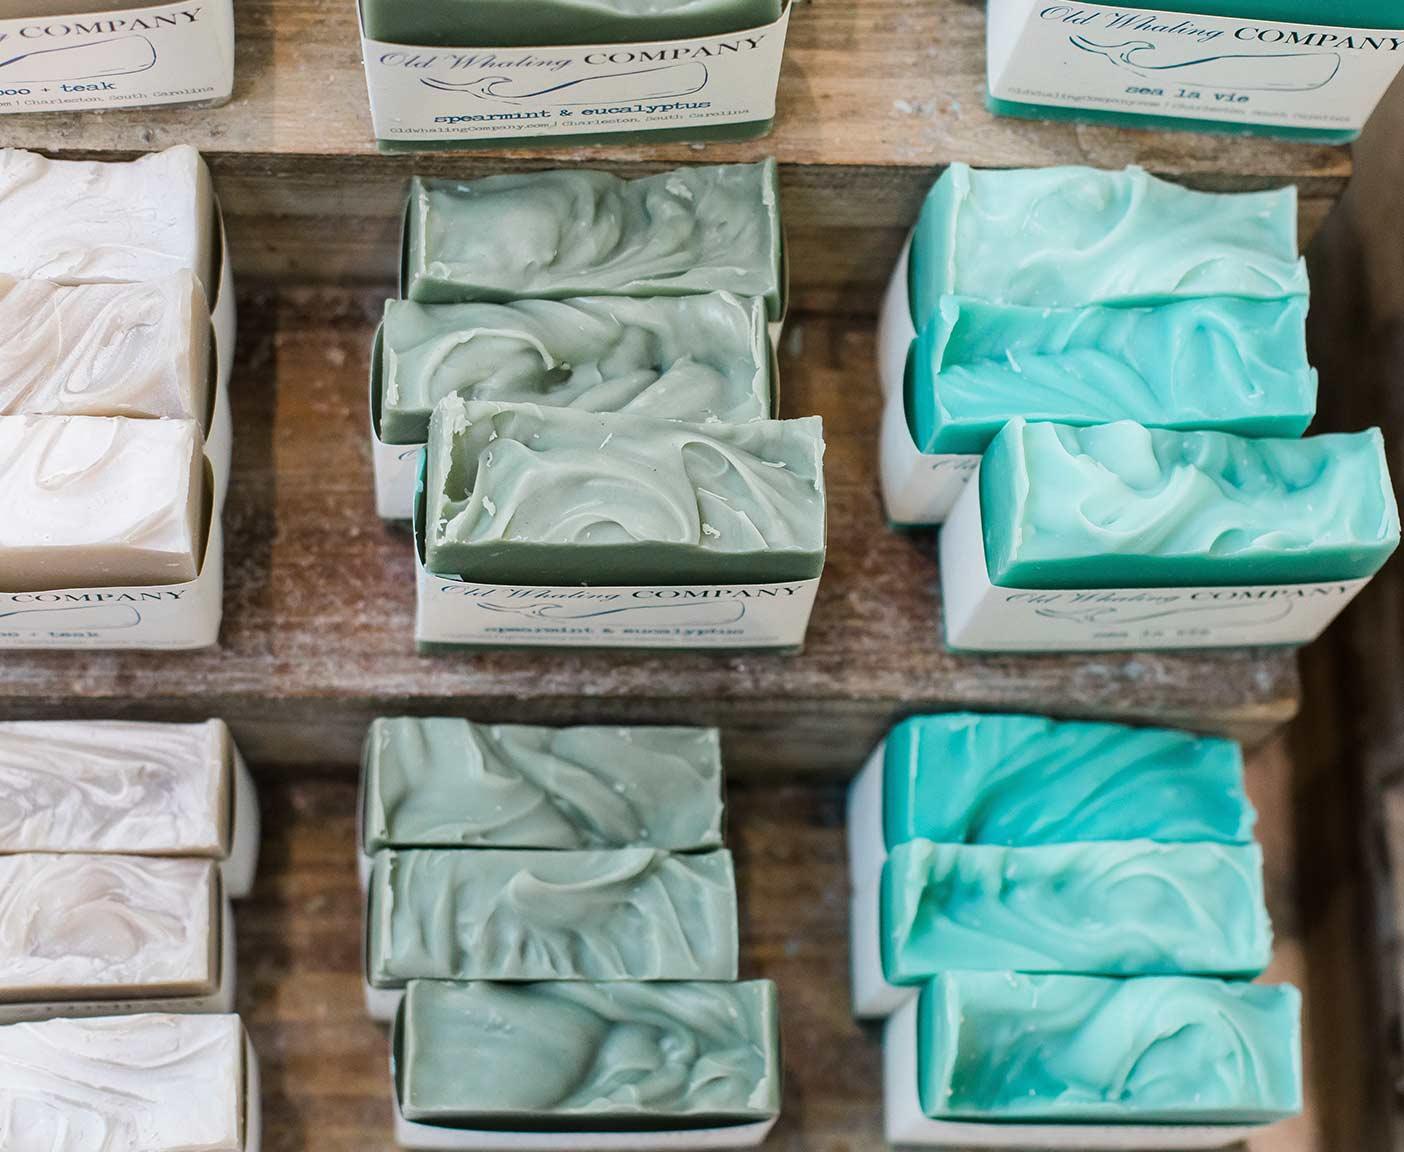 seife-kernseife-duschgel-biologisch-abbaubar-sonnencreme